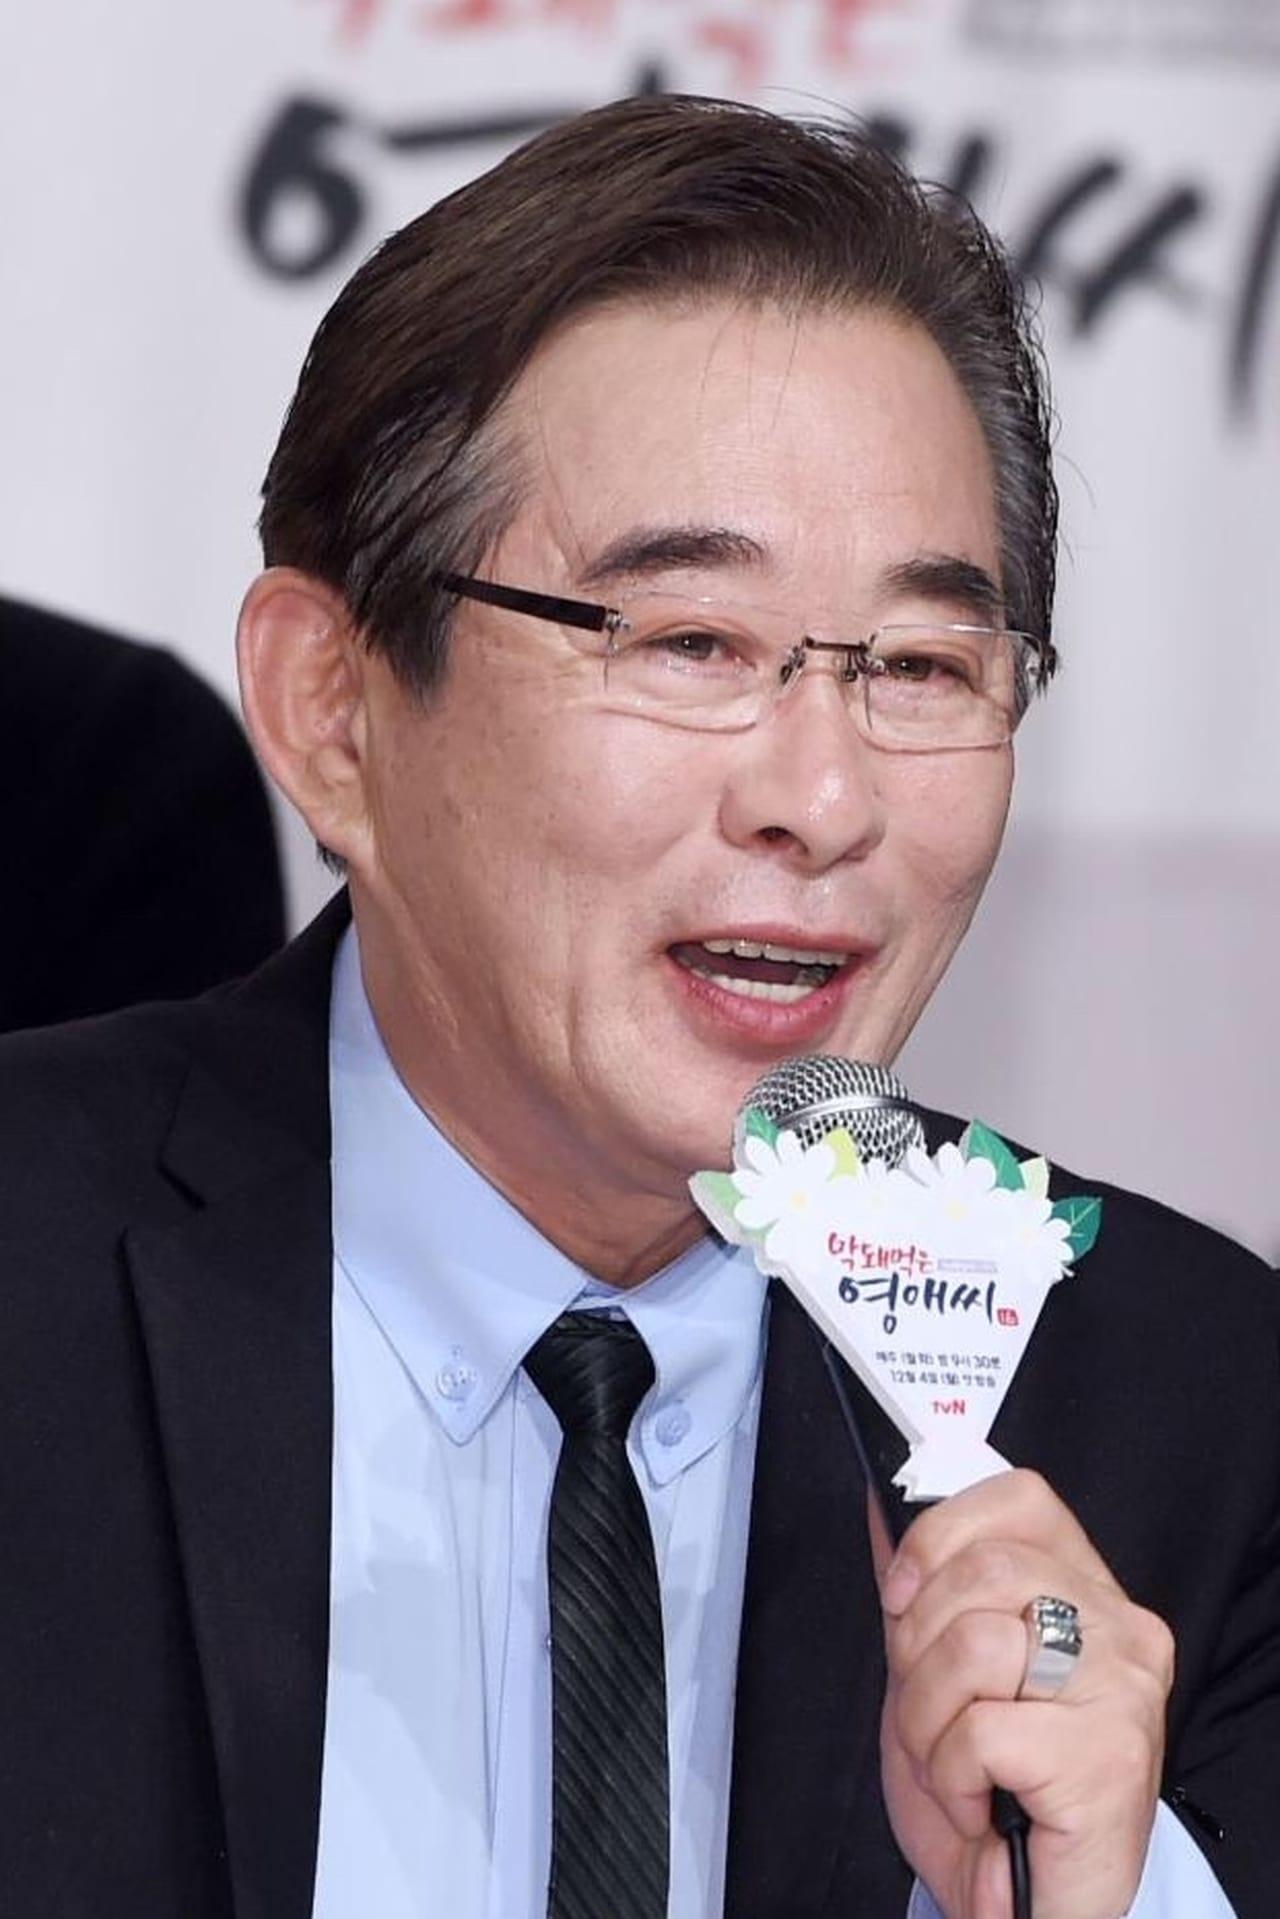 Song Min-hyung